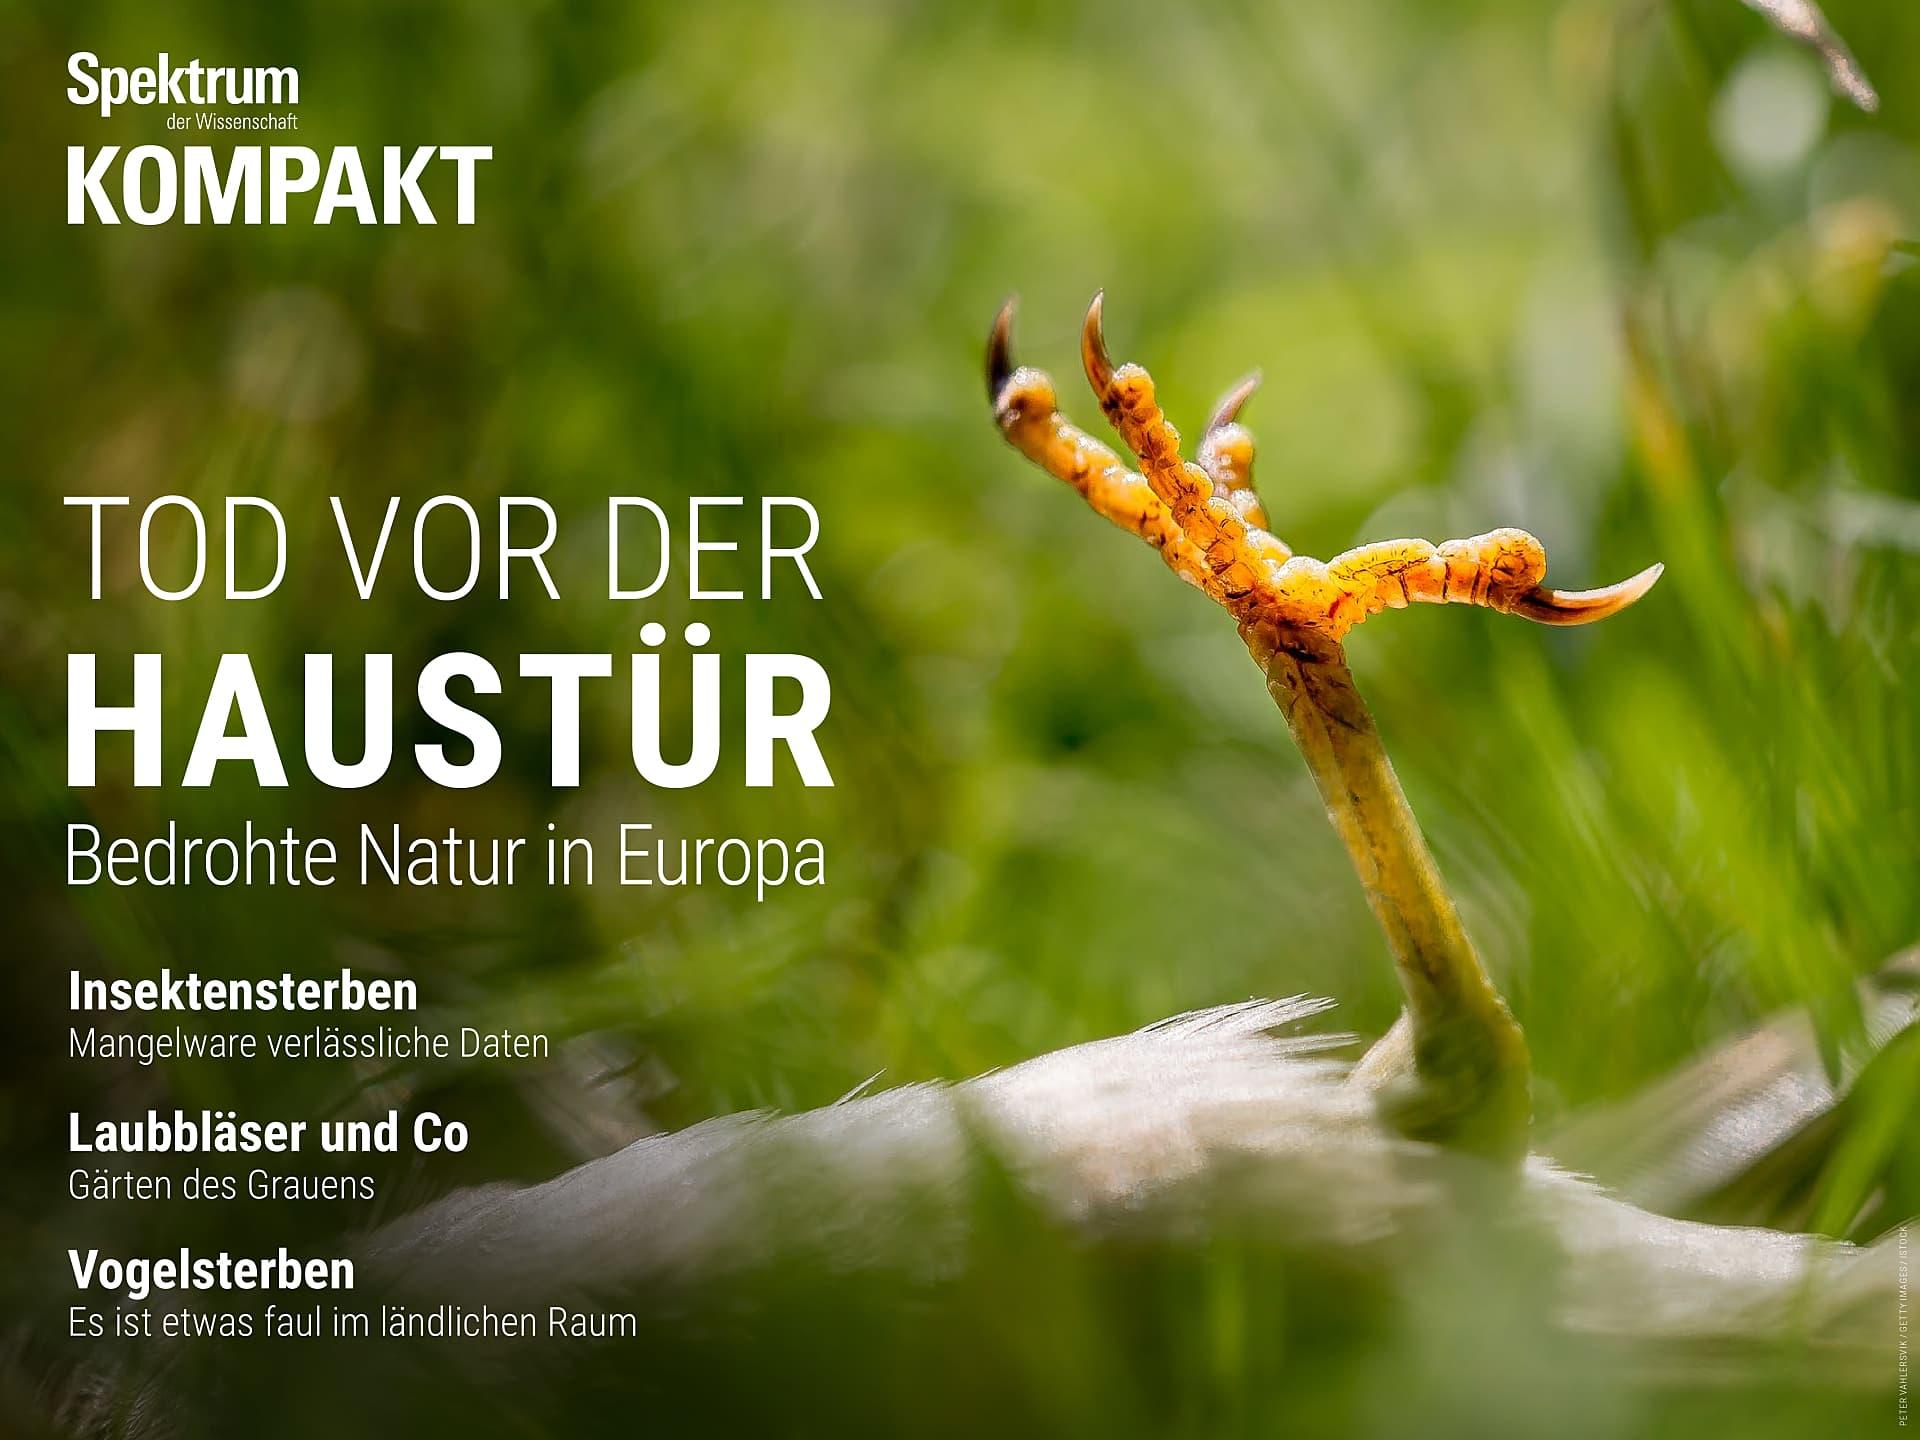 Tod vor der Haustür - Bedrohte Natur in Europa